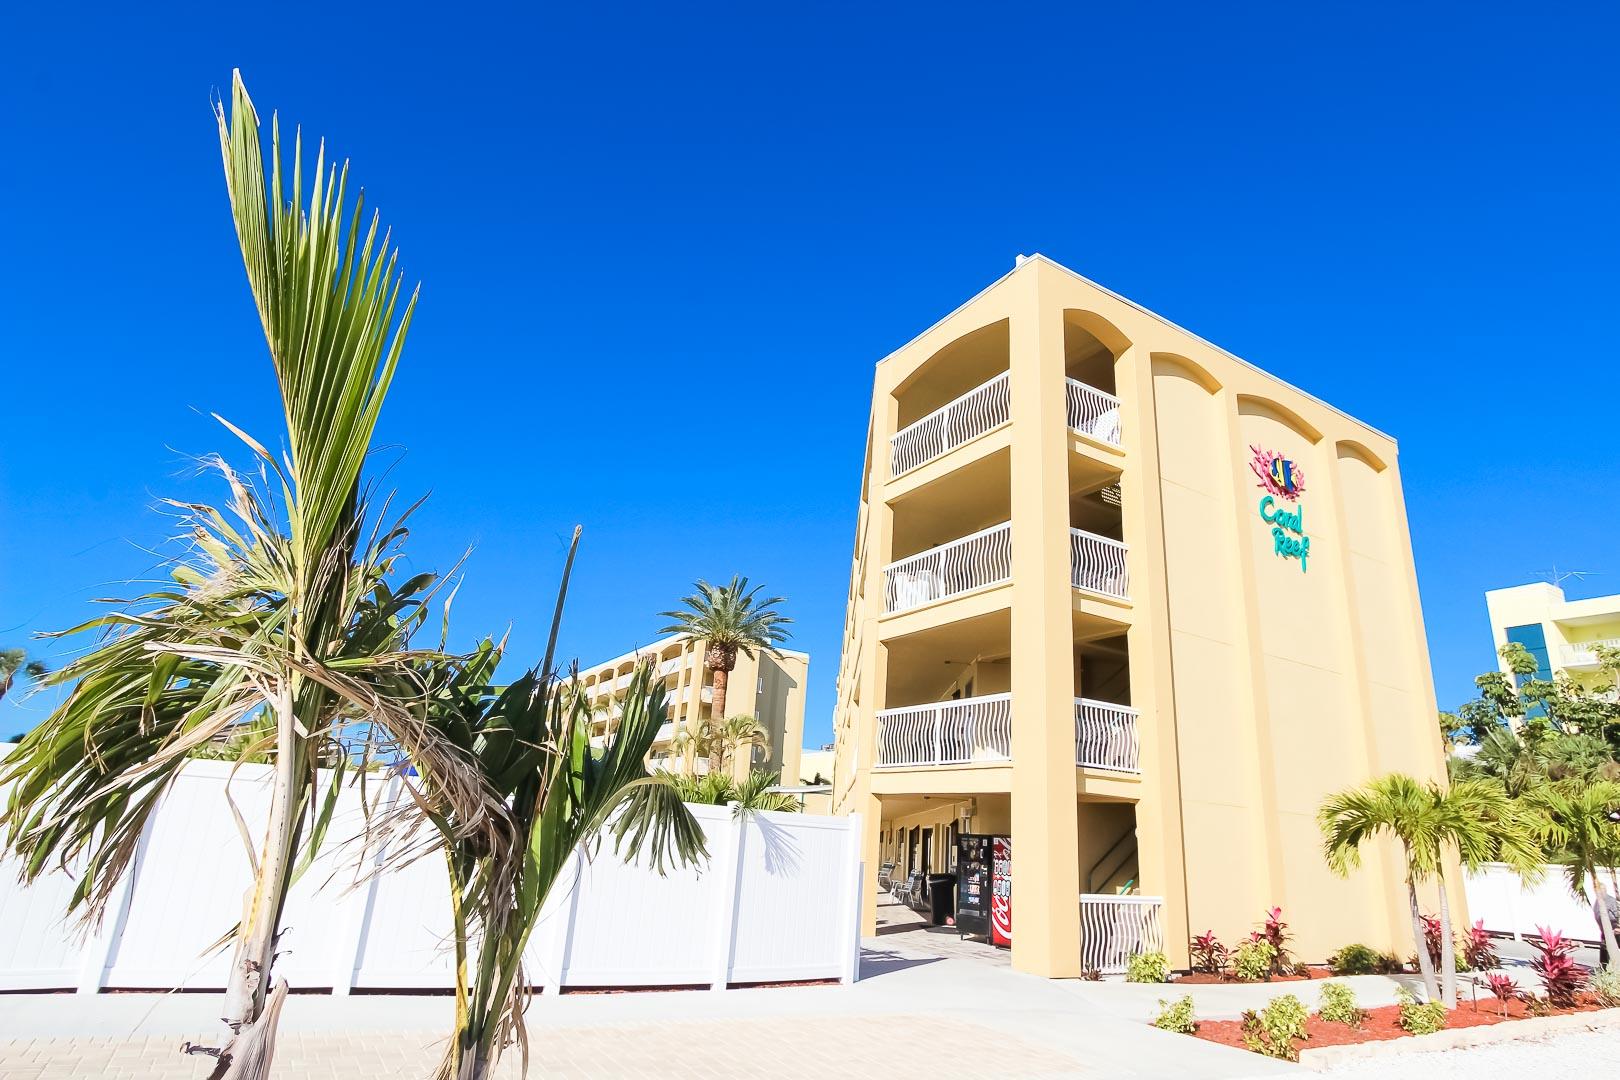 Coral-Reef-Beach-Resort-27